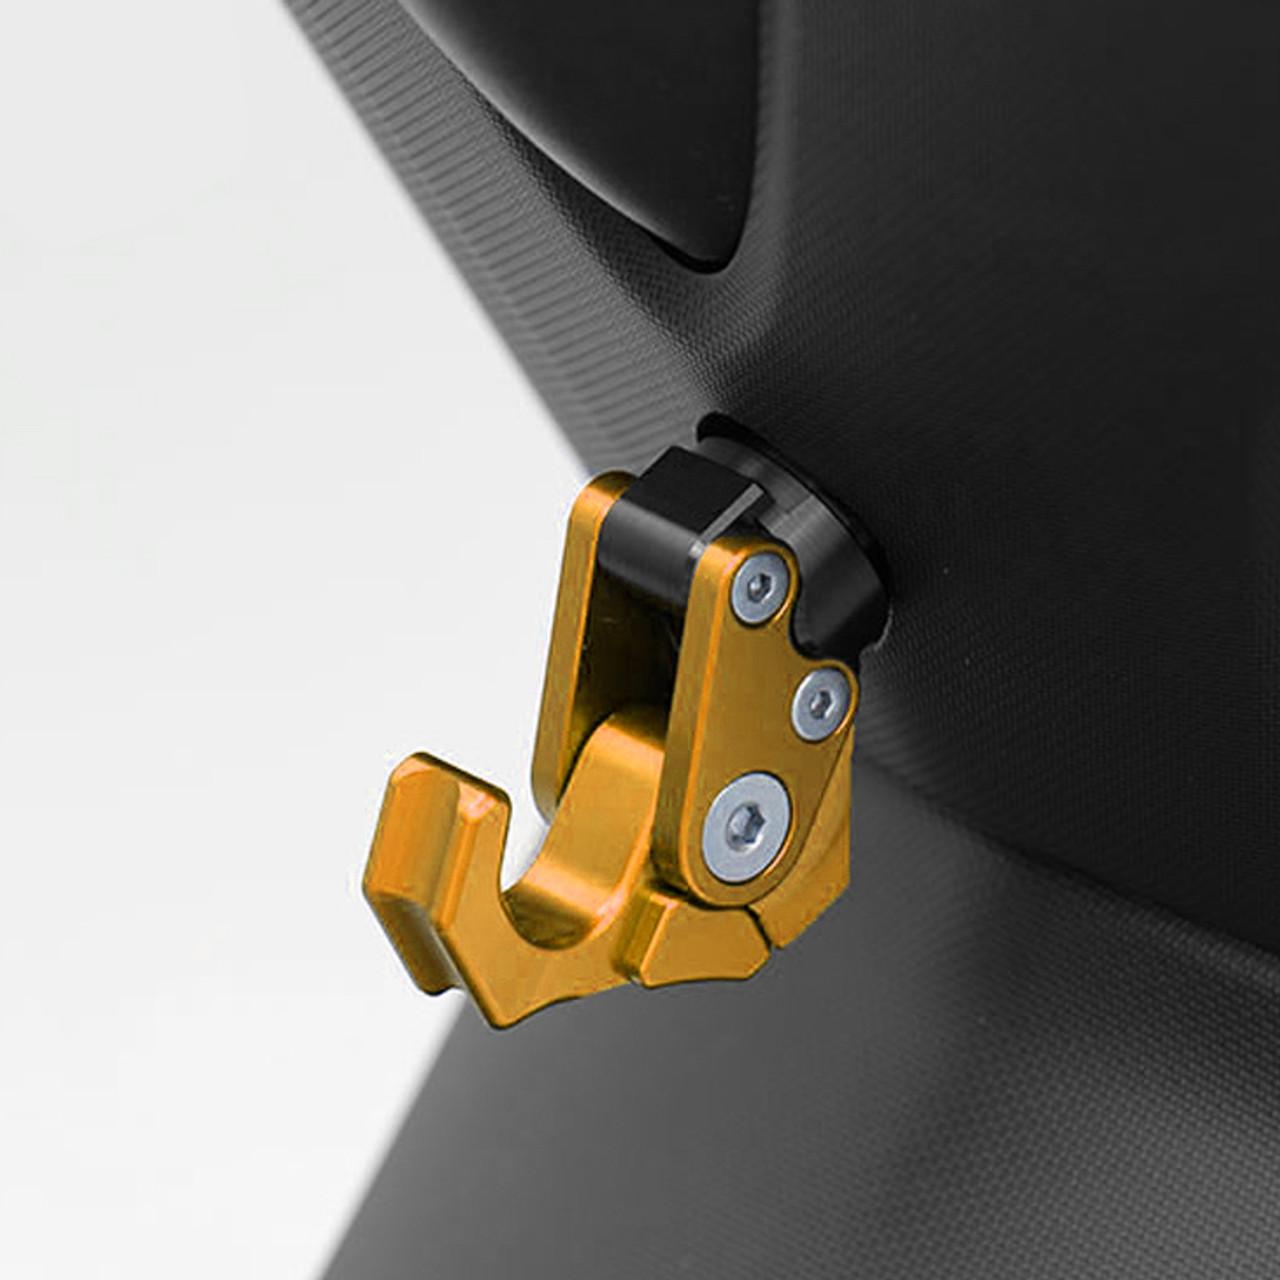 Carry Helmet Bottle Hanger Holder CNC Aluminum Alloy Hooks for Yamaha NMAX 155 2015-2018155GD